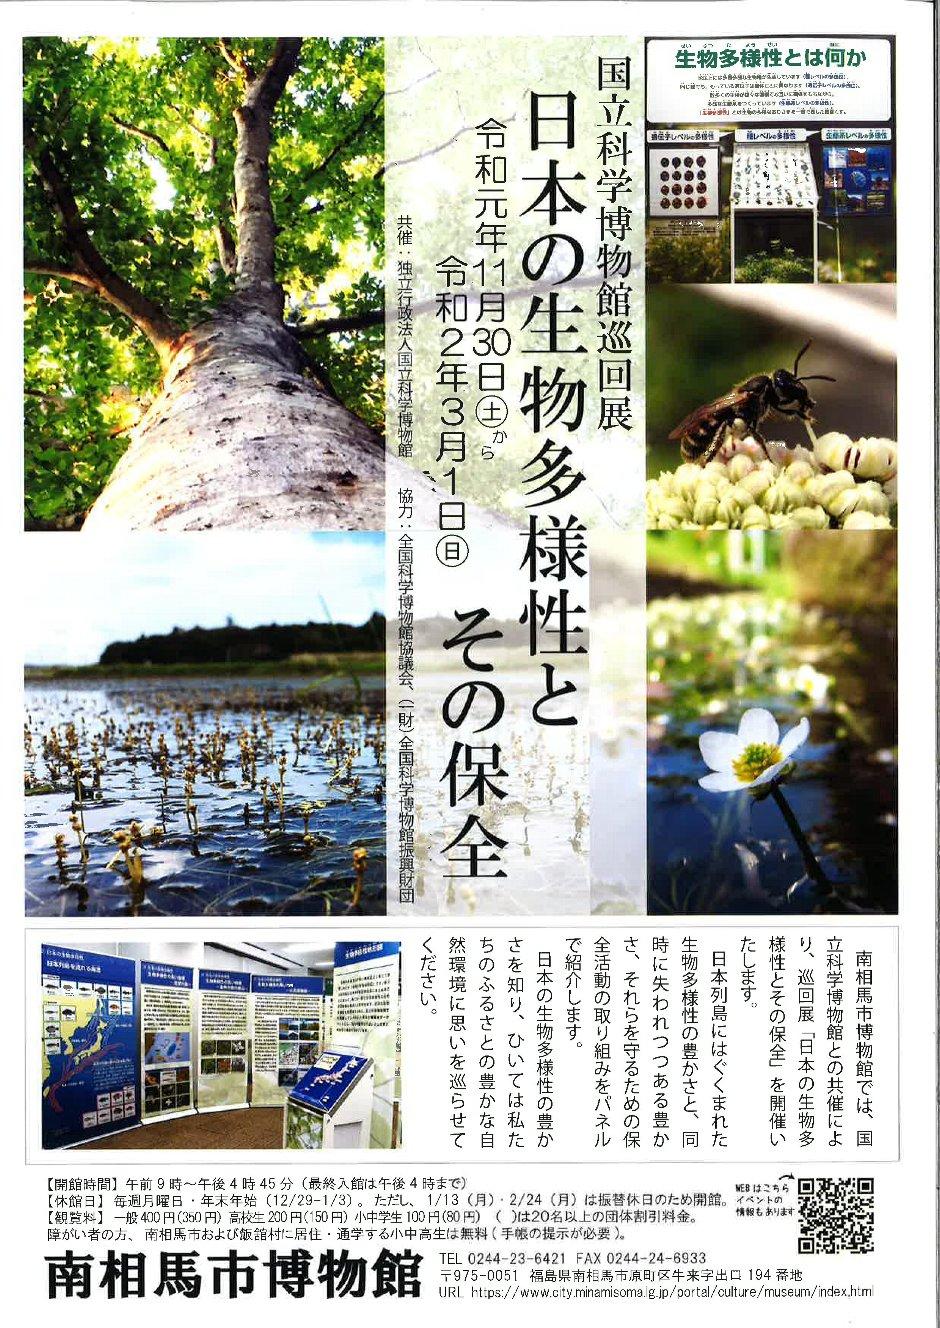 (2020/3/1まで)国立科学博物館巡回展「日本の生物多様性とその保全」 @ 南相馬市博物館